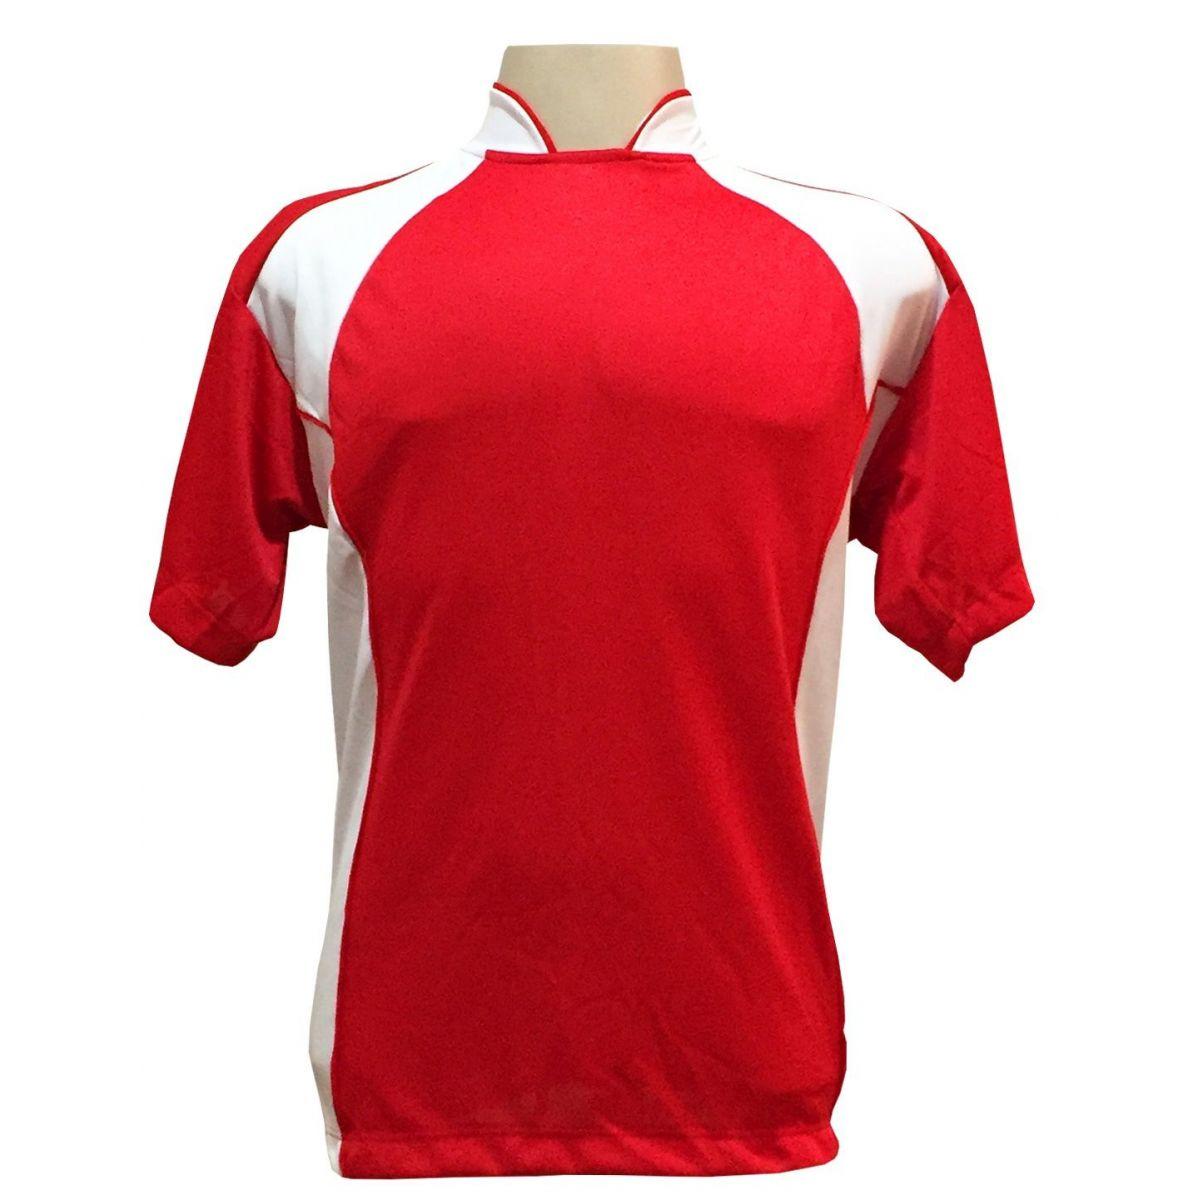 Uniforme Esportivo Completo Modelo Suécia 14+1 (14 Camisas Vermelho/Branco + 14 Calções Modelo Copa Vermelho/Branco + 14 Pares de Meiões Brancos + 1 Conjunto de Goleiro) + Brindes